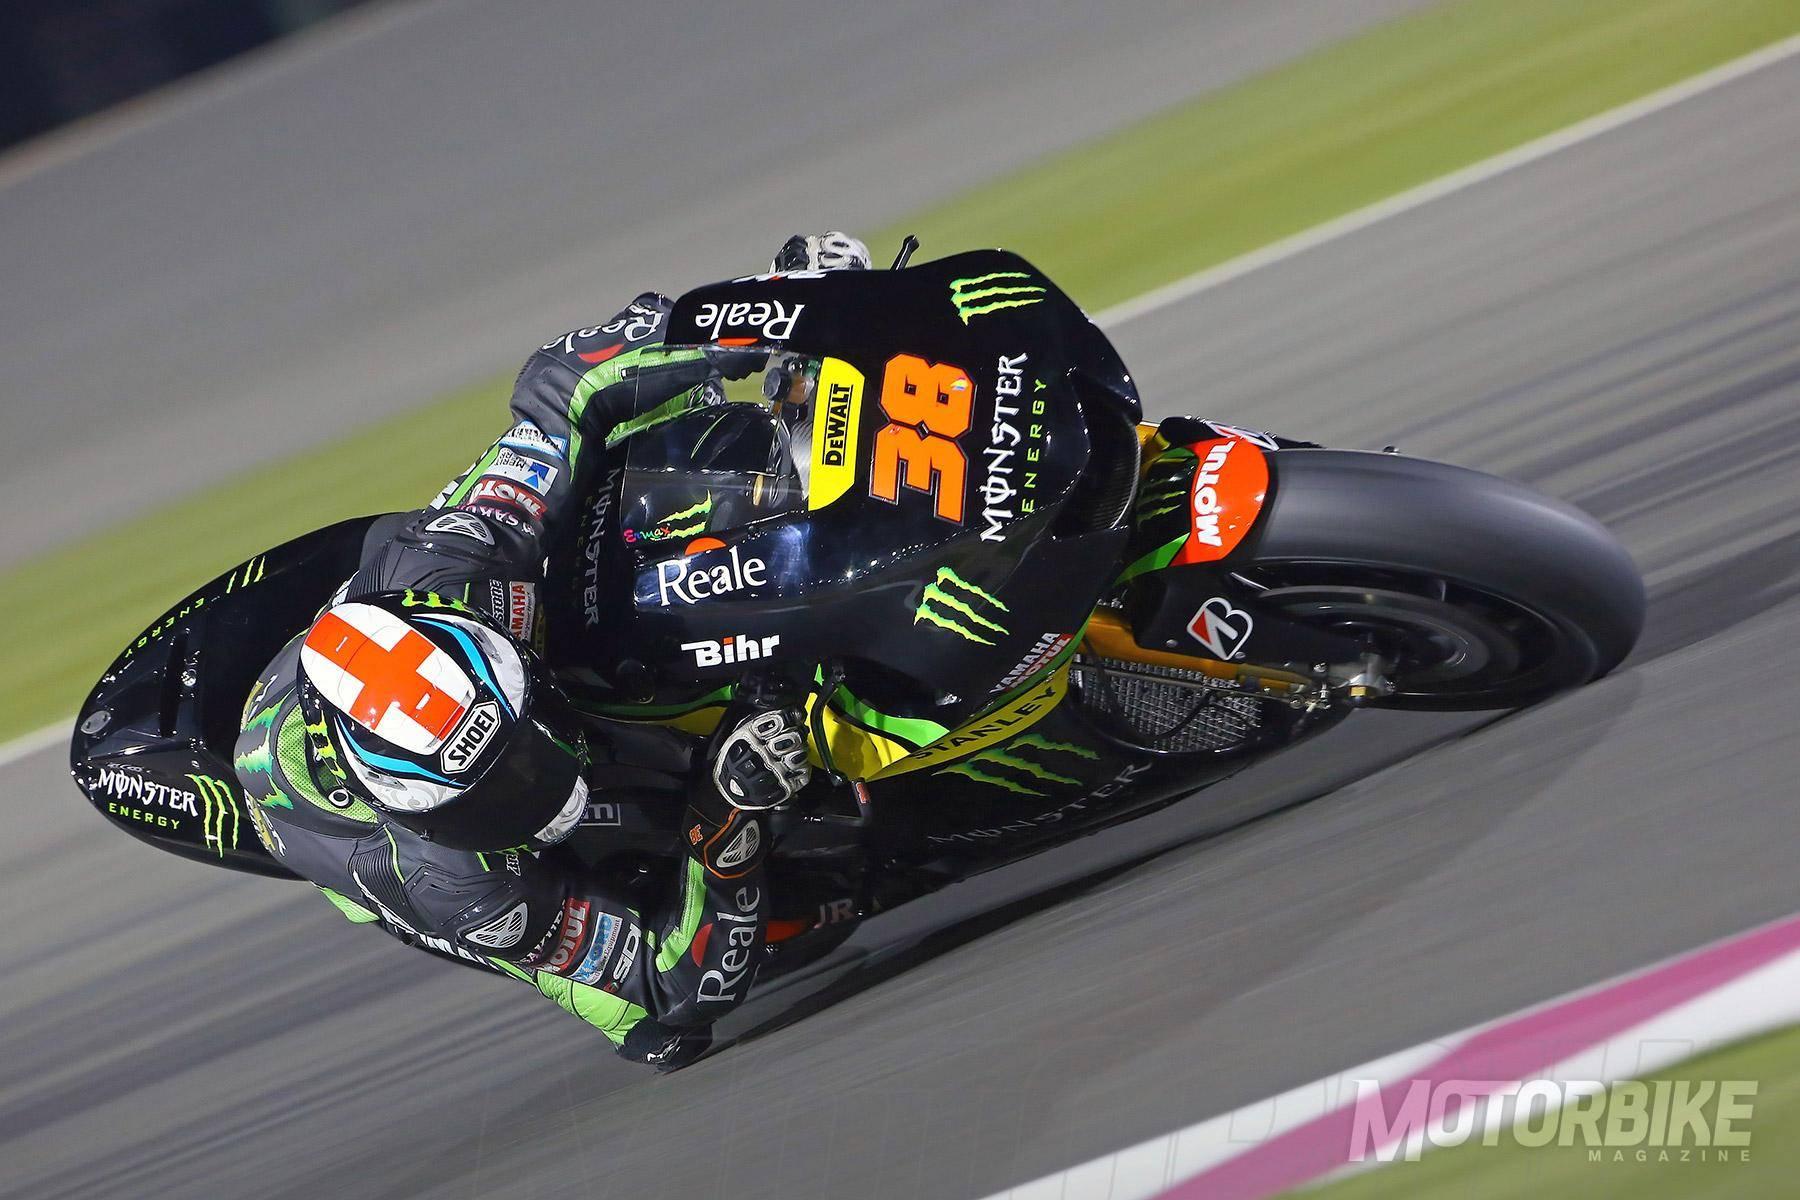 MotoGP 2015: Equipos y decoraciones - Motorbike Magazine